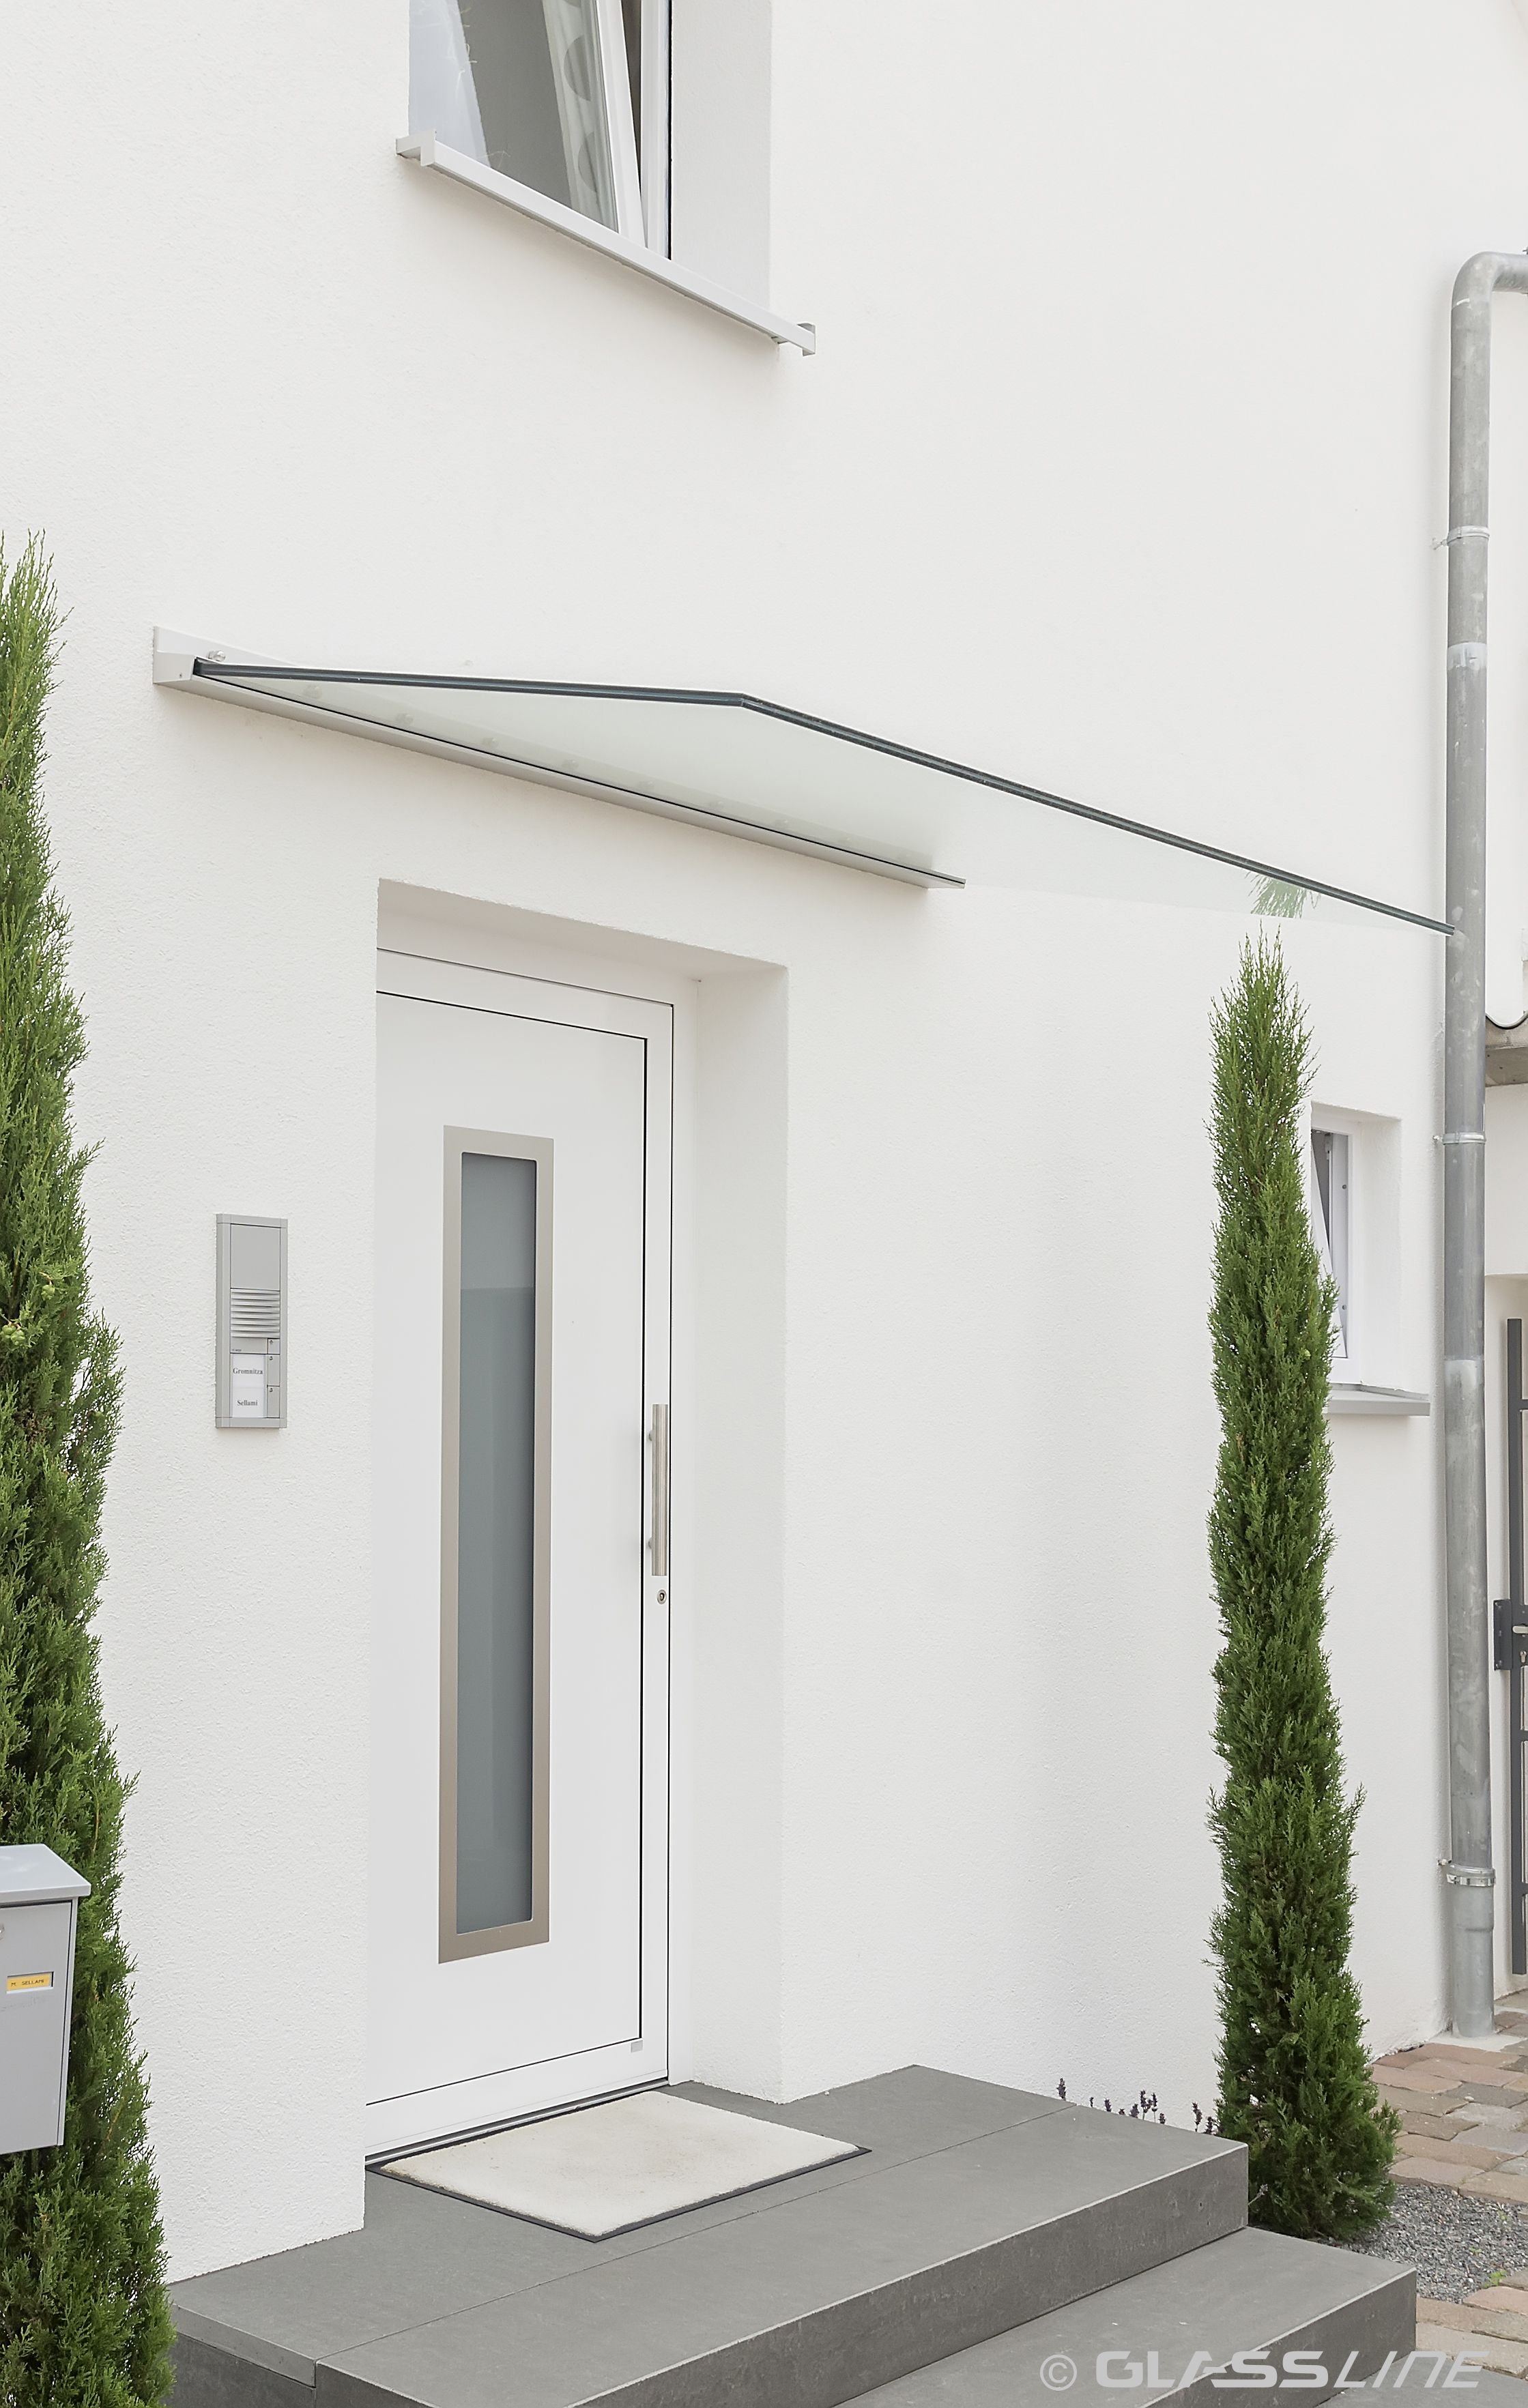 Attraktiv Hausvordächer Referenz Von Edles Vordach Für Den Eingang! : Www.scaffidi.de